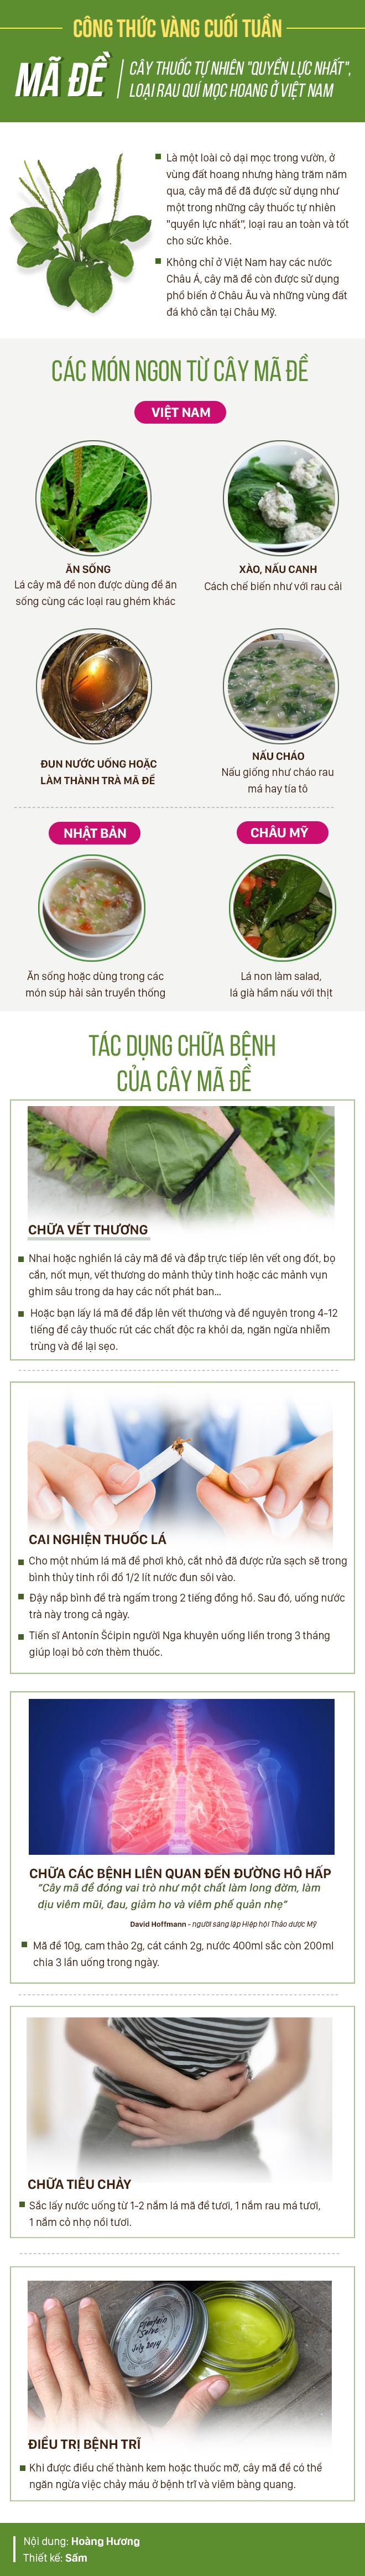 Một trong những cây thuốc quyền lực nhất thế giới: Người Việt tiện tay hái là có ngay - Ảnh 1.